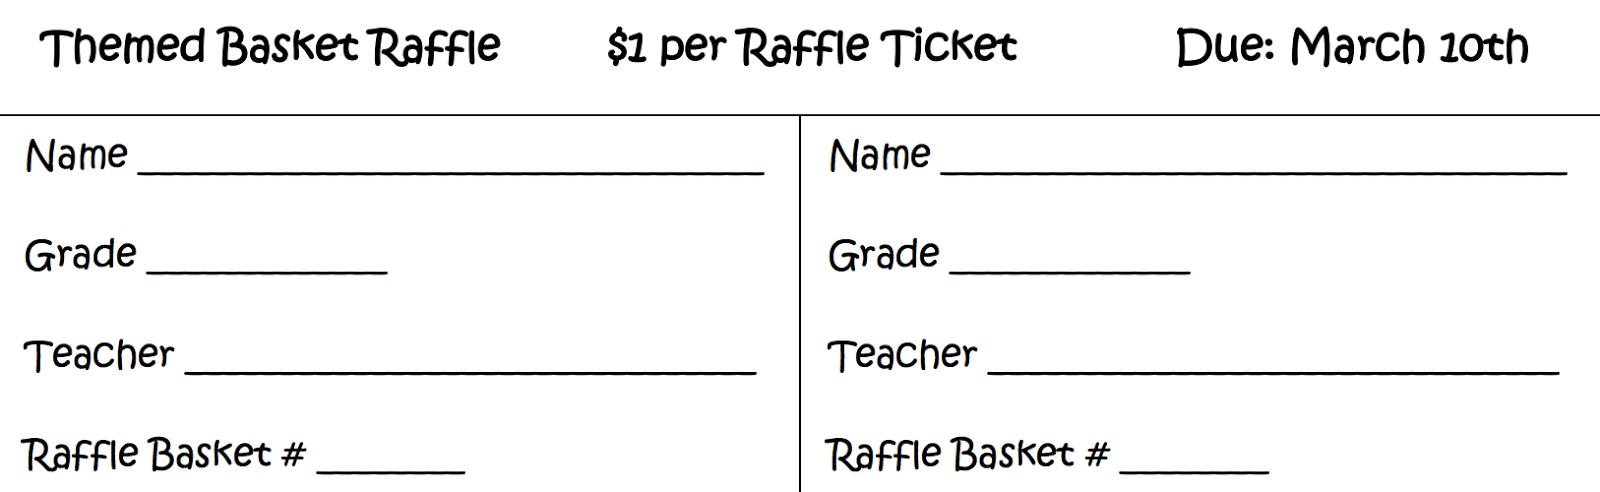 fundraiser raffle tickets